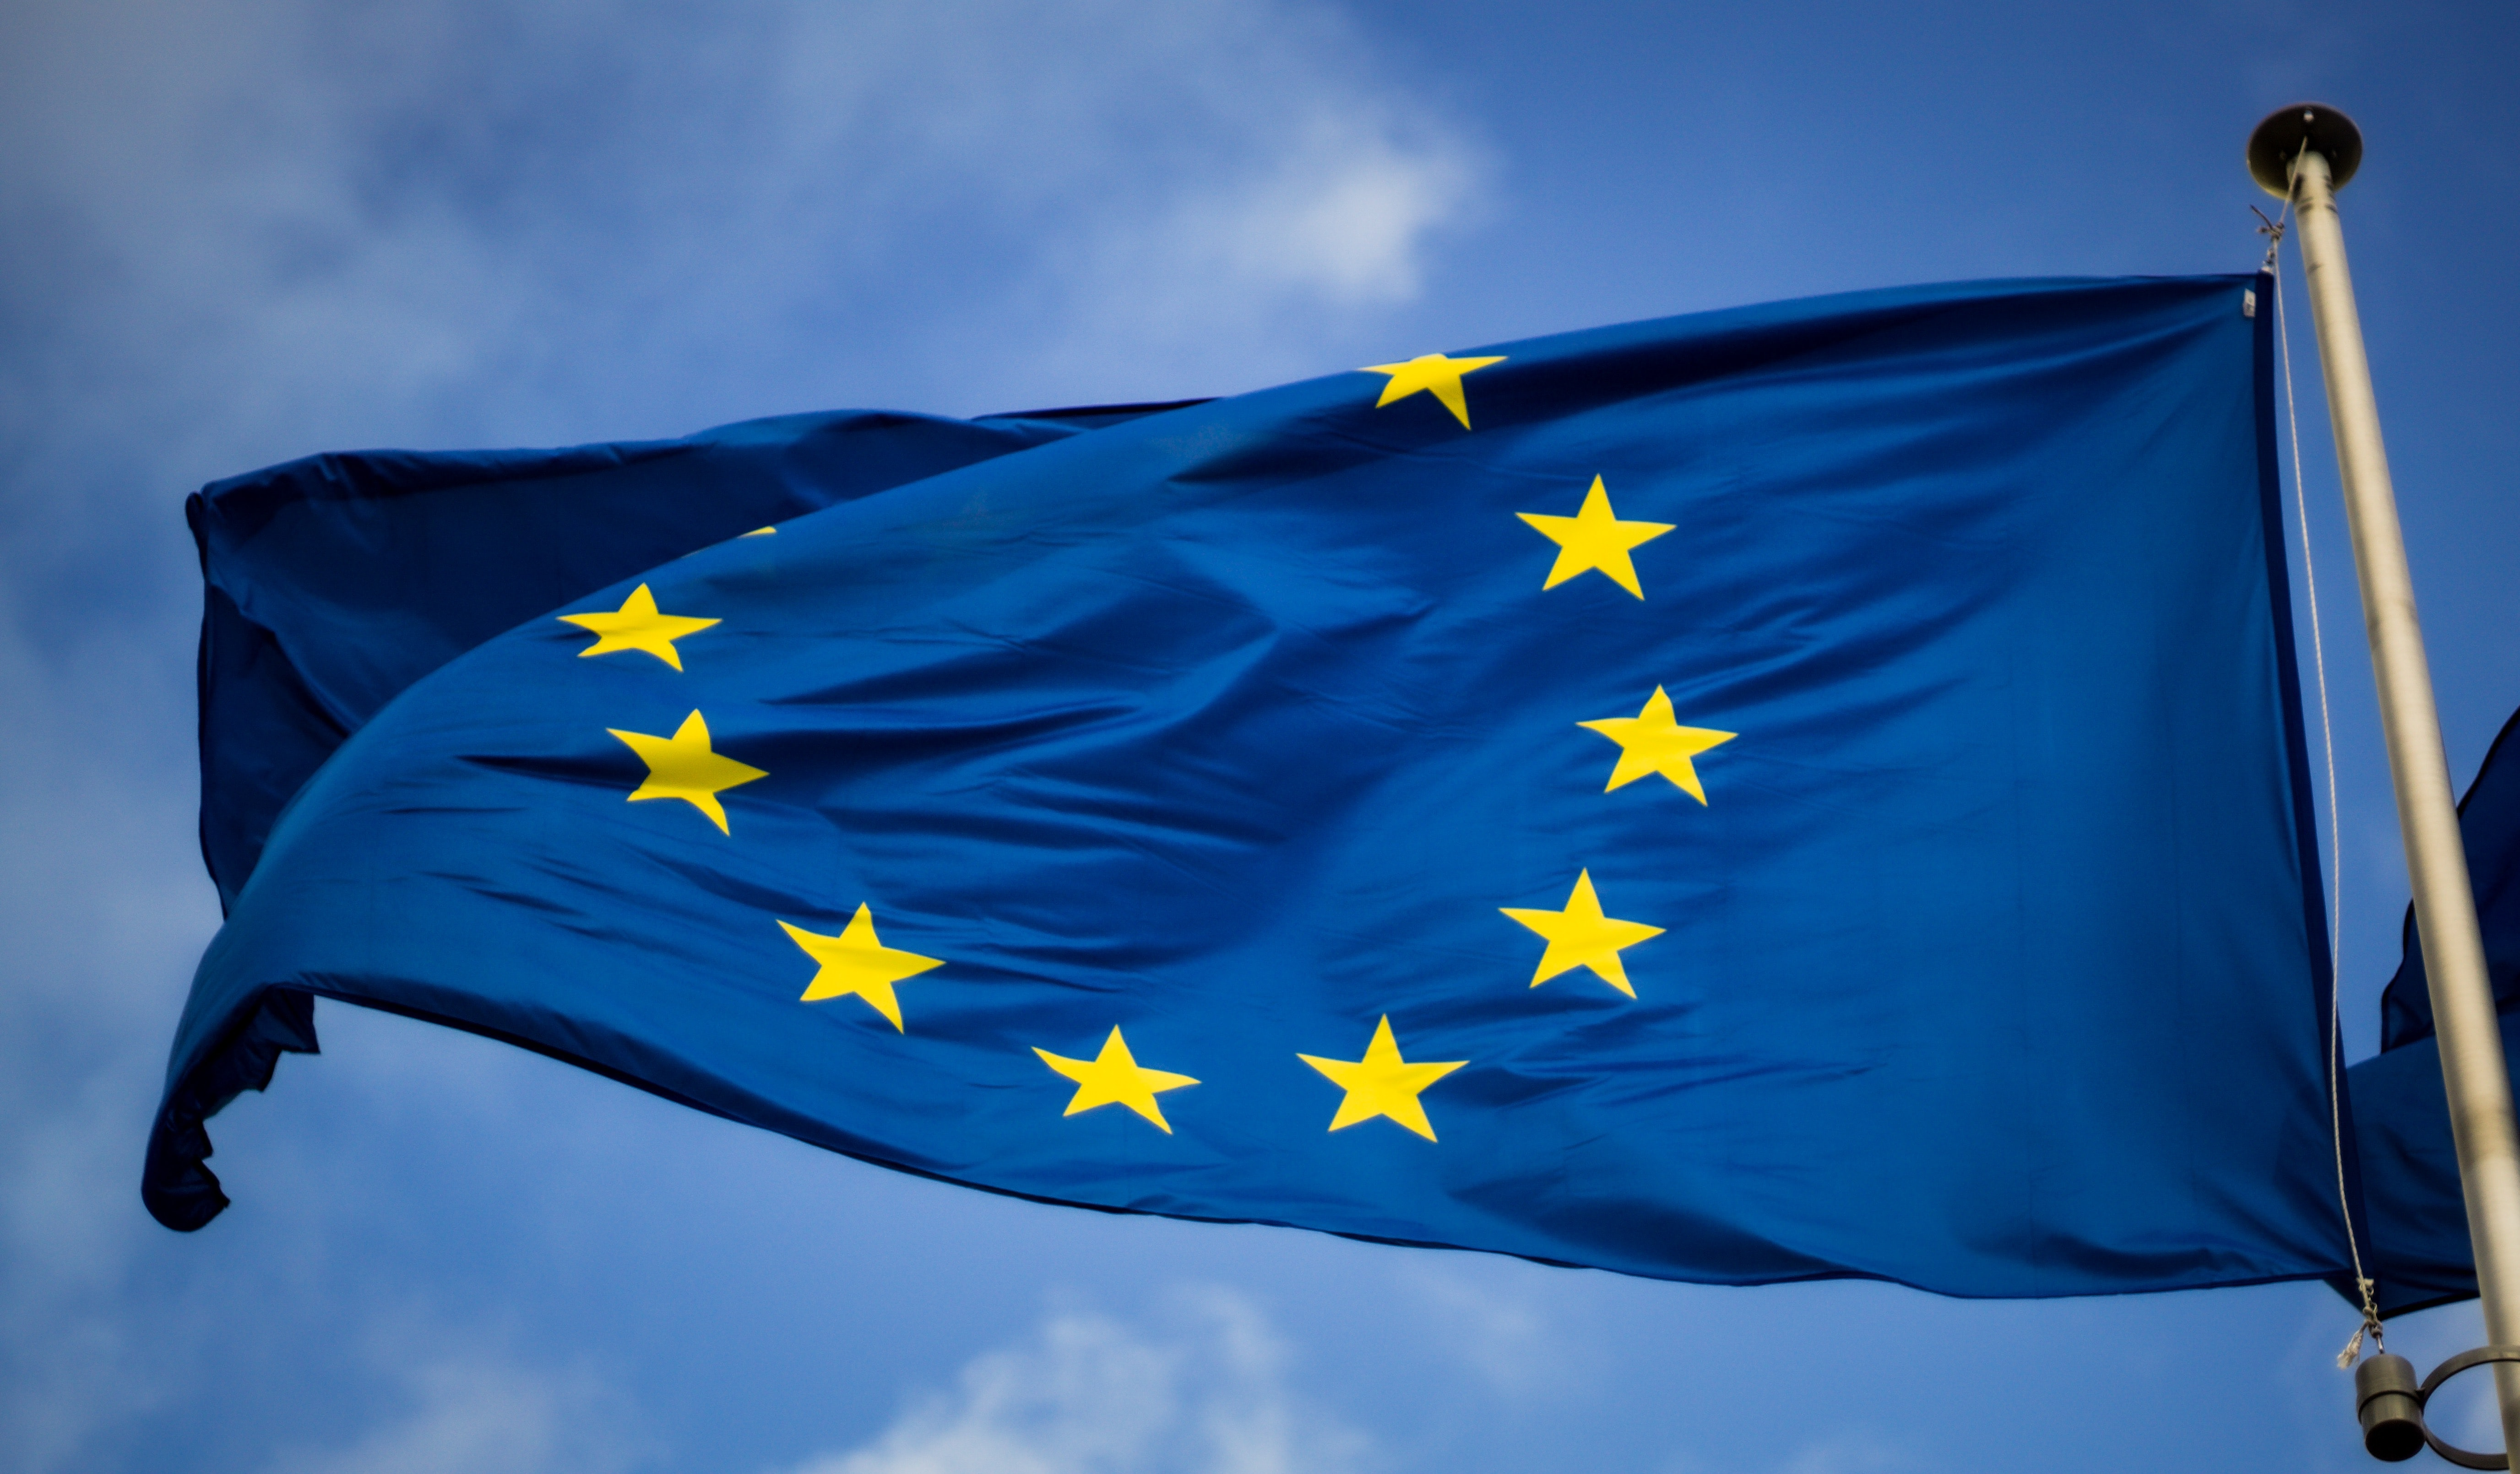 La suite de software b+dgtal ya es marca registrada en la Unión Europea